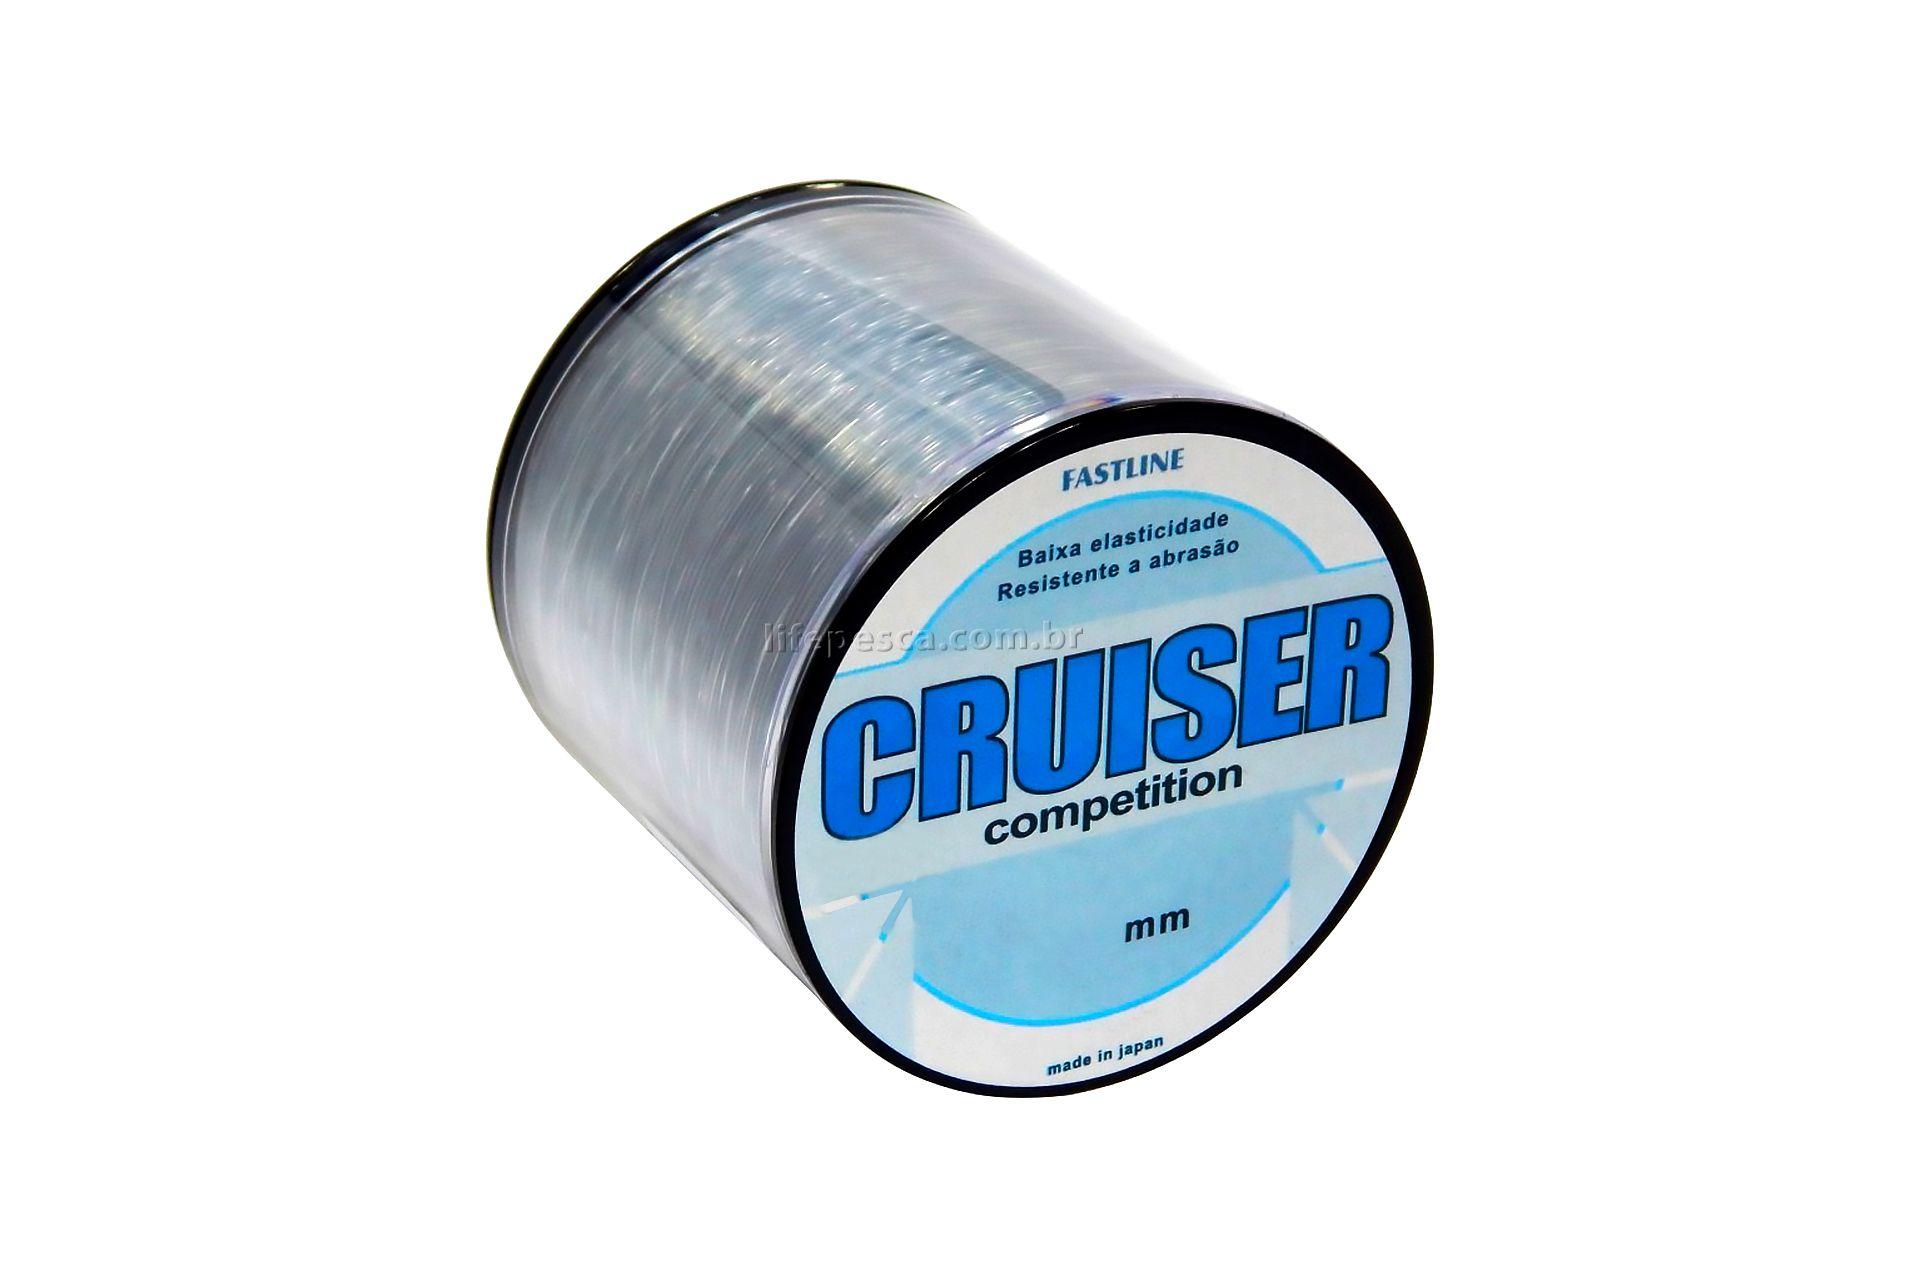 Linha Monofilamento Fastline Cruiser Competition 0,435mm 37lbs/17kg - 500 Metros   - Life Pesca - Sua loja de Pesca, Camping e Lazer